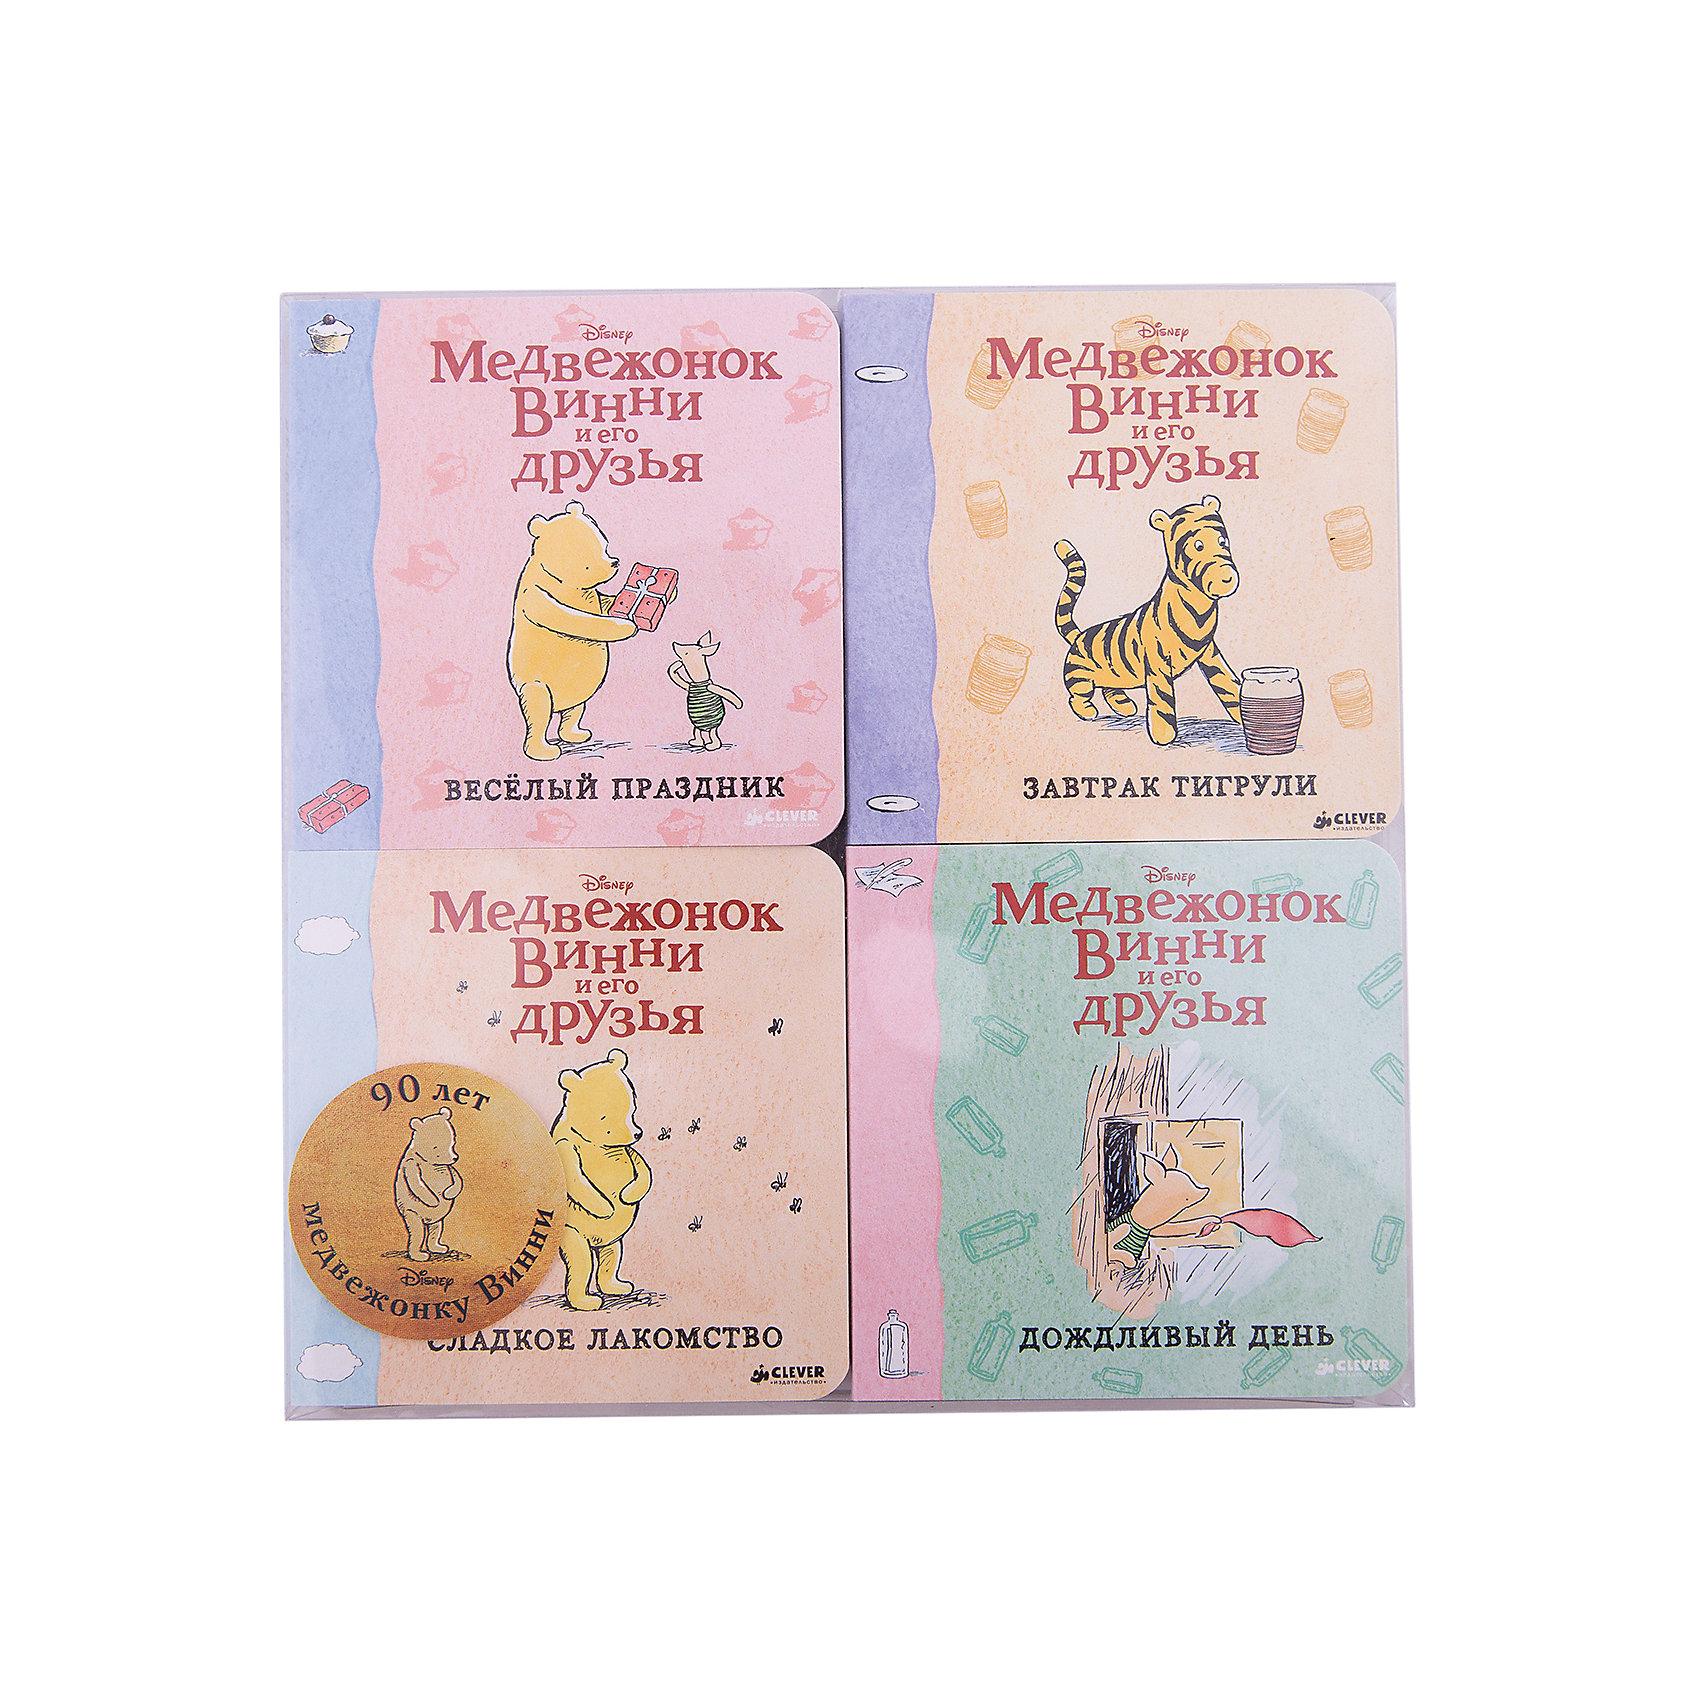 Комплект из четырёх книг, Медвежонок Винни и его друзьяХарактеристики комплекта из 4 книг Медвежонок Винни и его друзья:<br><br>• возраст: от 12 месяцев<br>• герой: Винни – Пух<br>• пол: для мальчиков и девочек<br>• комплект: 4 книги.<br>• материал: картон, бумага.<br>• количество страниц: 18.<br>• размер книги: 20.5х20.5х3 см.<br>• тип обложки: твердый.<br>• иллюстрации: цветные.<br>• бренд: издательство clever<br>• страна обладатель бренда: Россия.<br><br>Комплект из четырех книг Медвежонок Винни и его друзья от издательства Clever надолго завладеет вниманием многих детей. На страницах этих книжек ребенок найдет интересные захватывающие сюжеты о забавном персонаже - милом Винни Пухе и его лучших друзьях. Яркие красочные иллюстрации разнообразят процесс чтения.<br><br>Комплект из четырёх книг, Медвежонок Винни и его друзья издательства Clever можно купить в нашем интернет-магазине.<br><br>Ширина мм: 205<br>Глубина мм: 205<br>Высота мм: 30<br>Вес г: 520<br>Возраст от месяцев: 0<br>Возраст до месяцев: 36<br>Пол: Унисекс<br>Возраст: Детский<br>SKU: 5377752